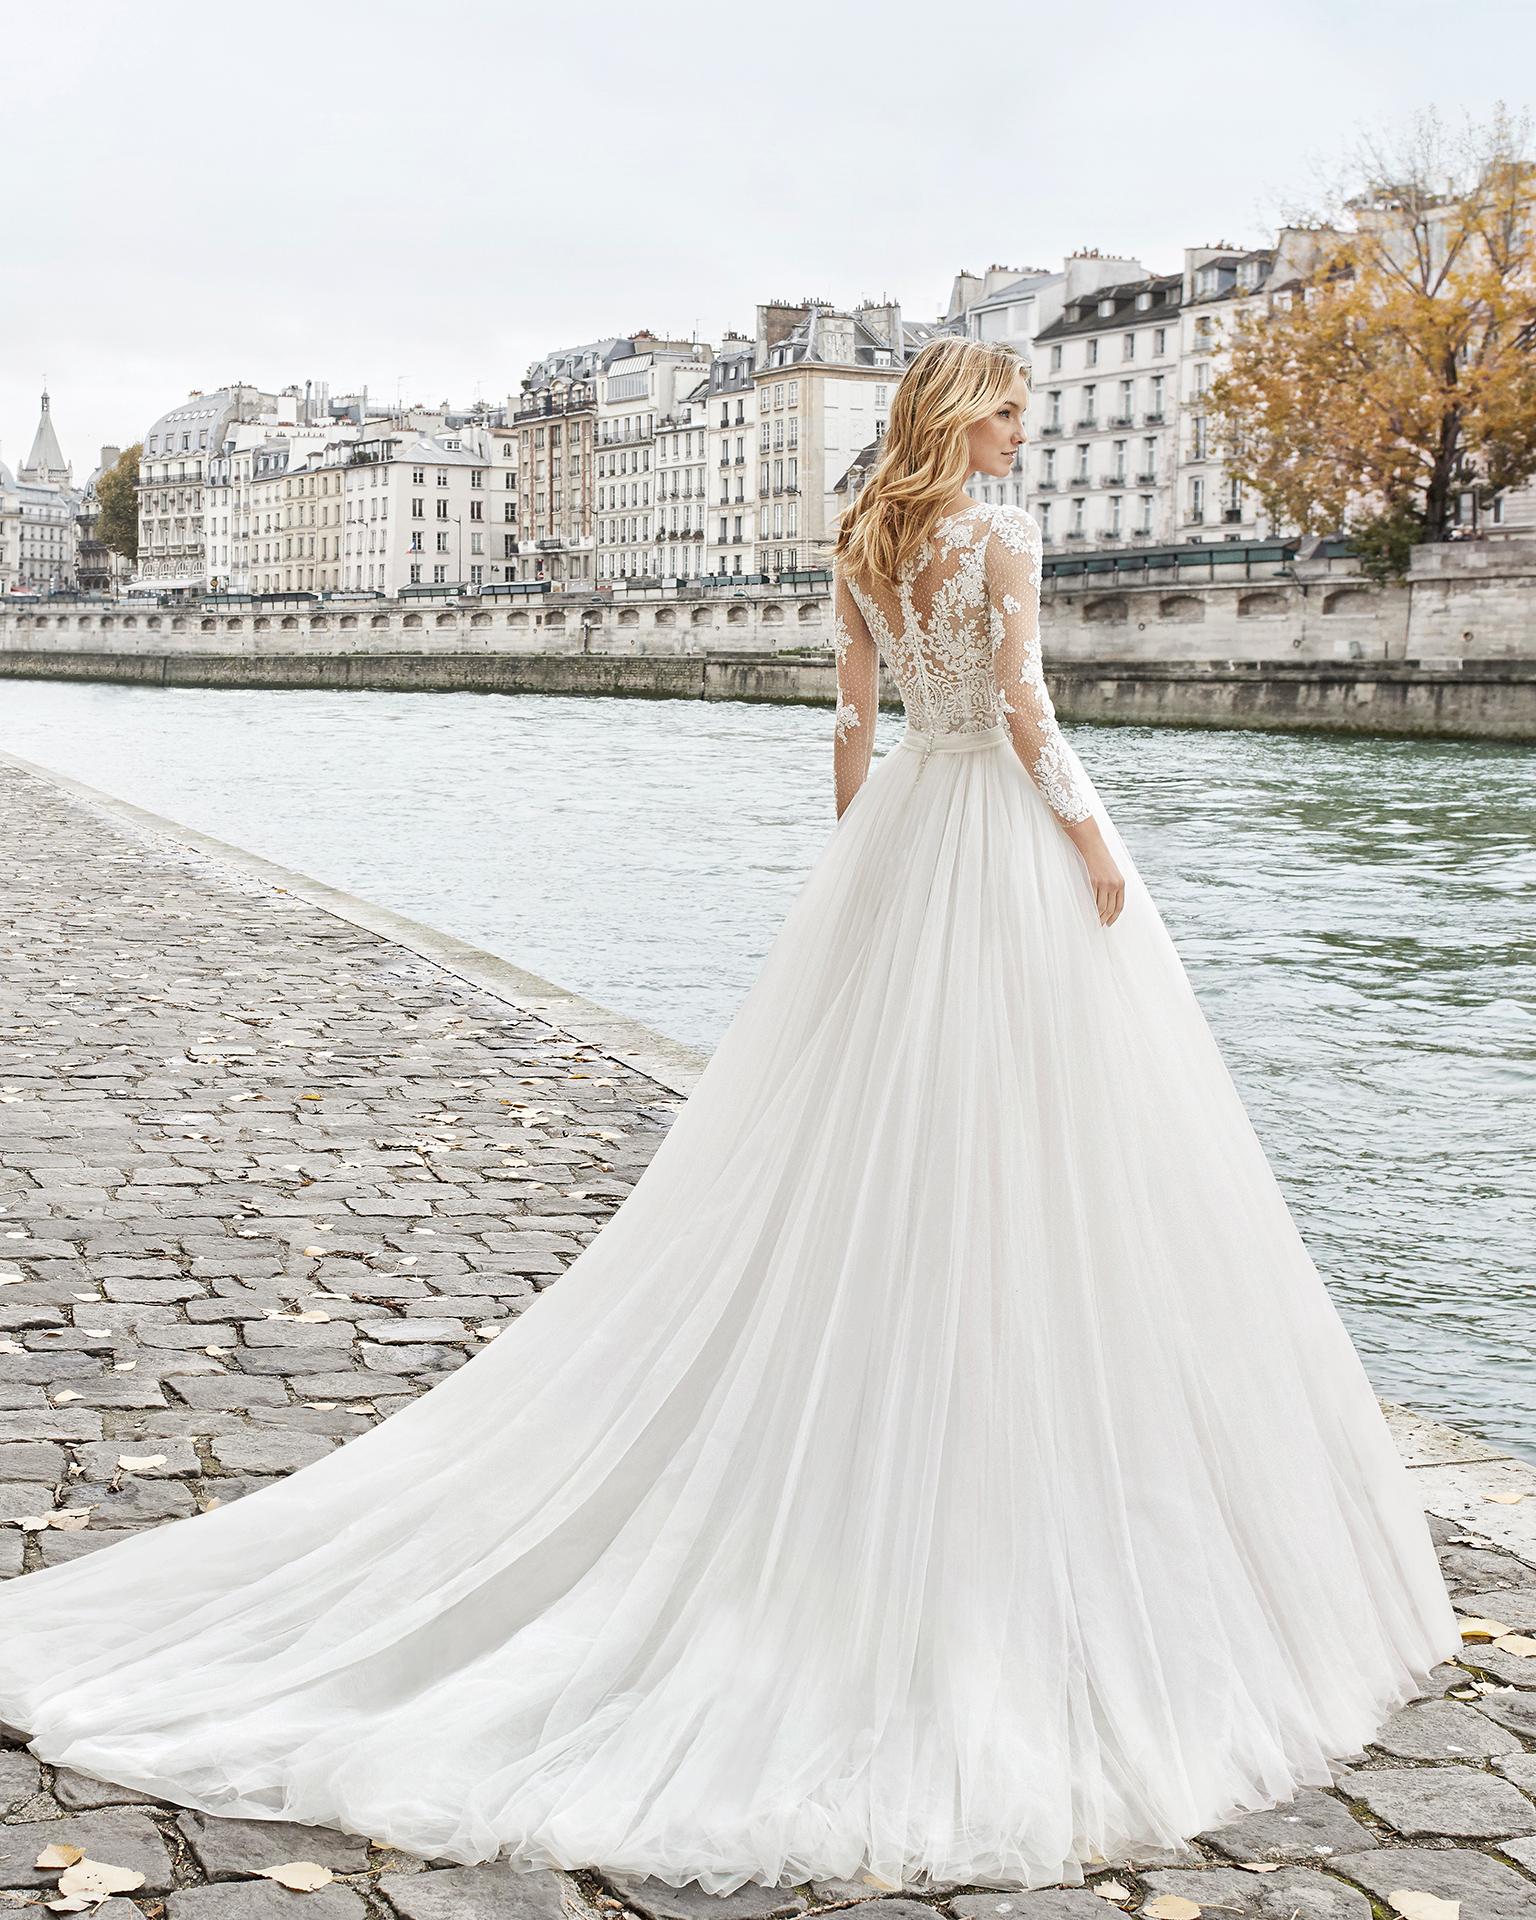 Vestido de noiva estilo princesa de renda, brilhantes e tule. Decote à barco e manga comprida com saia muito volumosa. Disponível em cor natural. Coleção AIRE BARCELONA 2019.